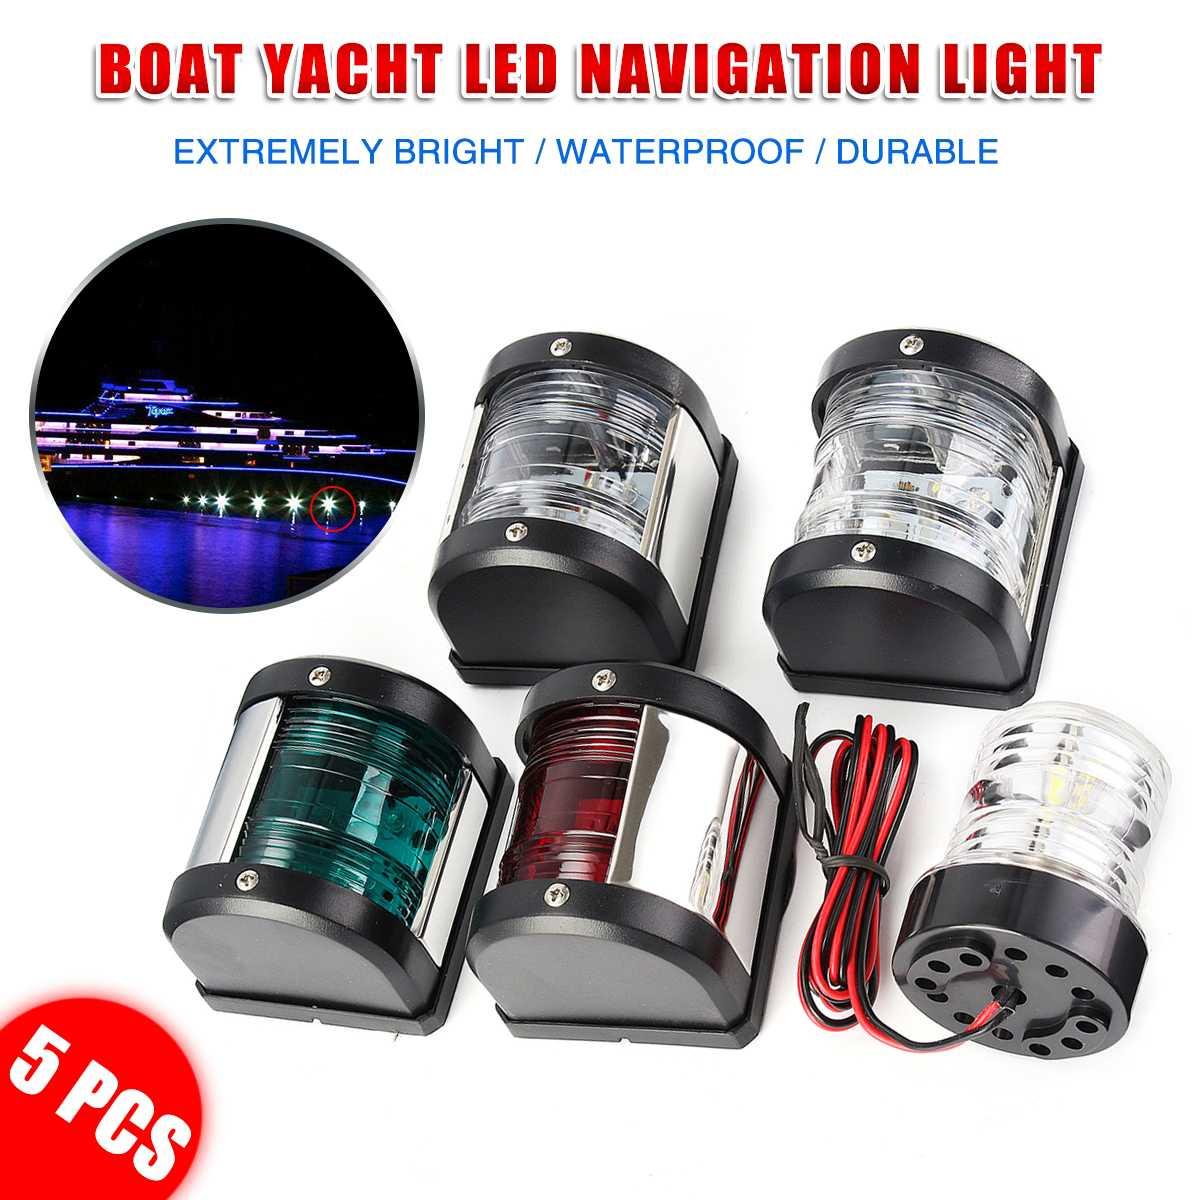 5 pièces 12V LED 360 degrés tout rond lumière bateau marin Yacht Masthead/poupe/tribord/Port Navigation lumières étanche Turn Lights